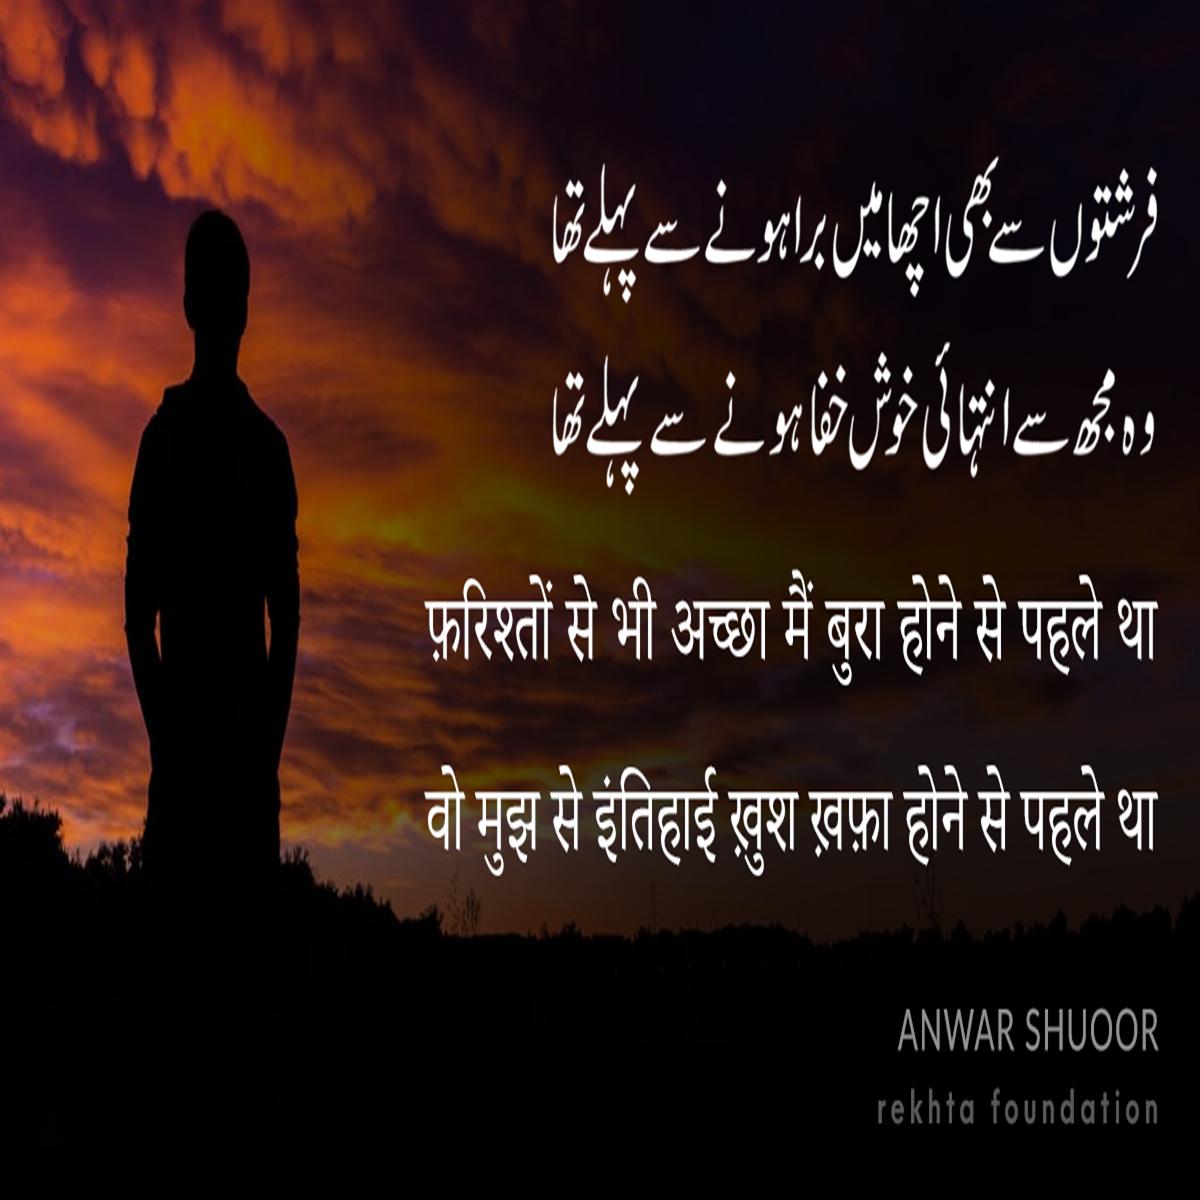 Anwar Shuoor